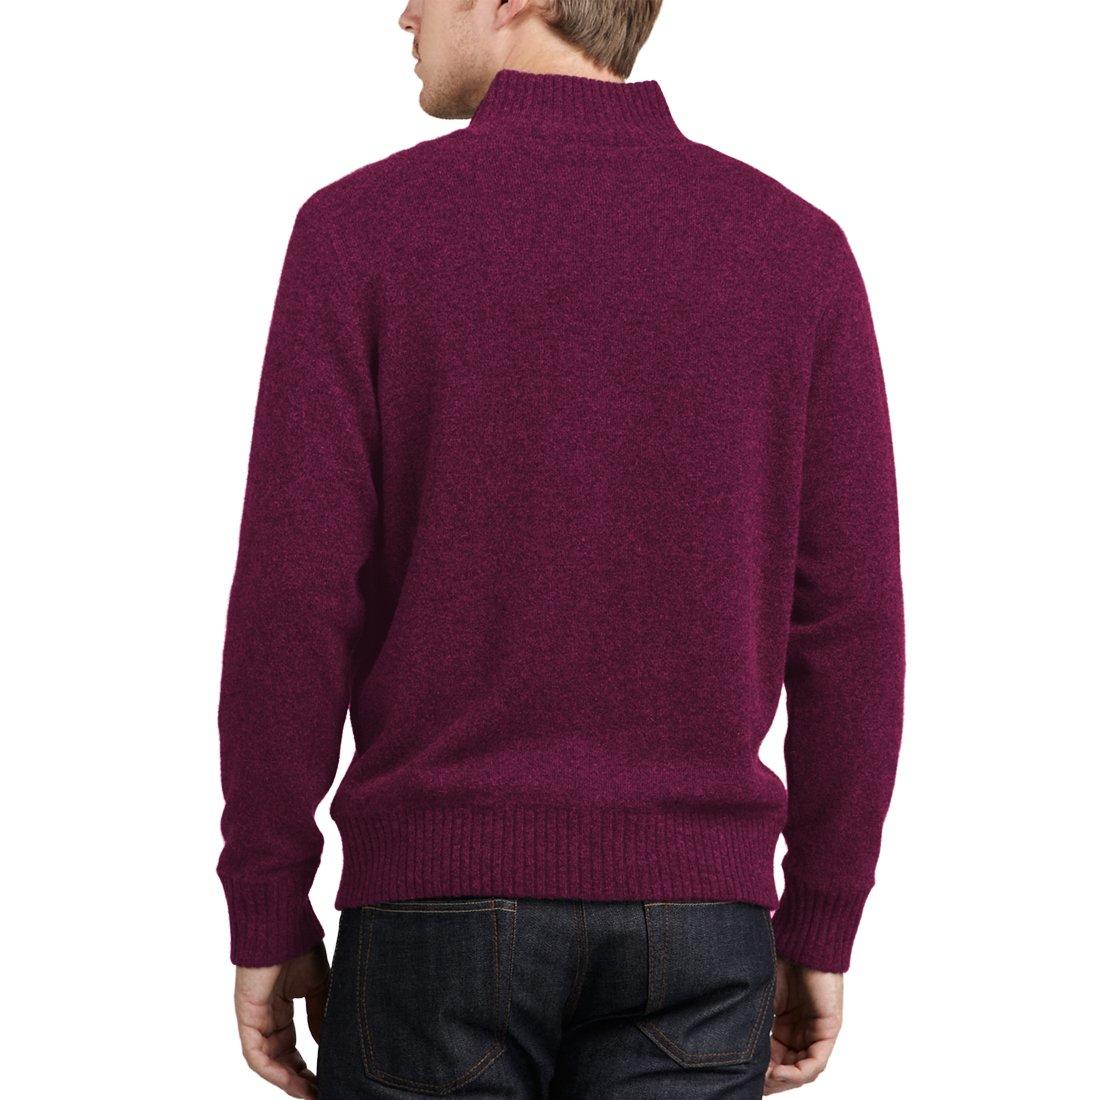 Parisbonbon Men's 100% Cashmere Mock Neck Cardigan Color Burgundy Size 1X by Parisbonbon (Image #2)